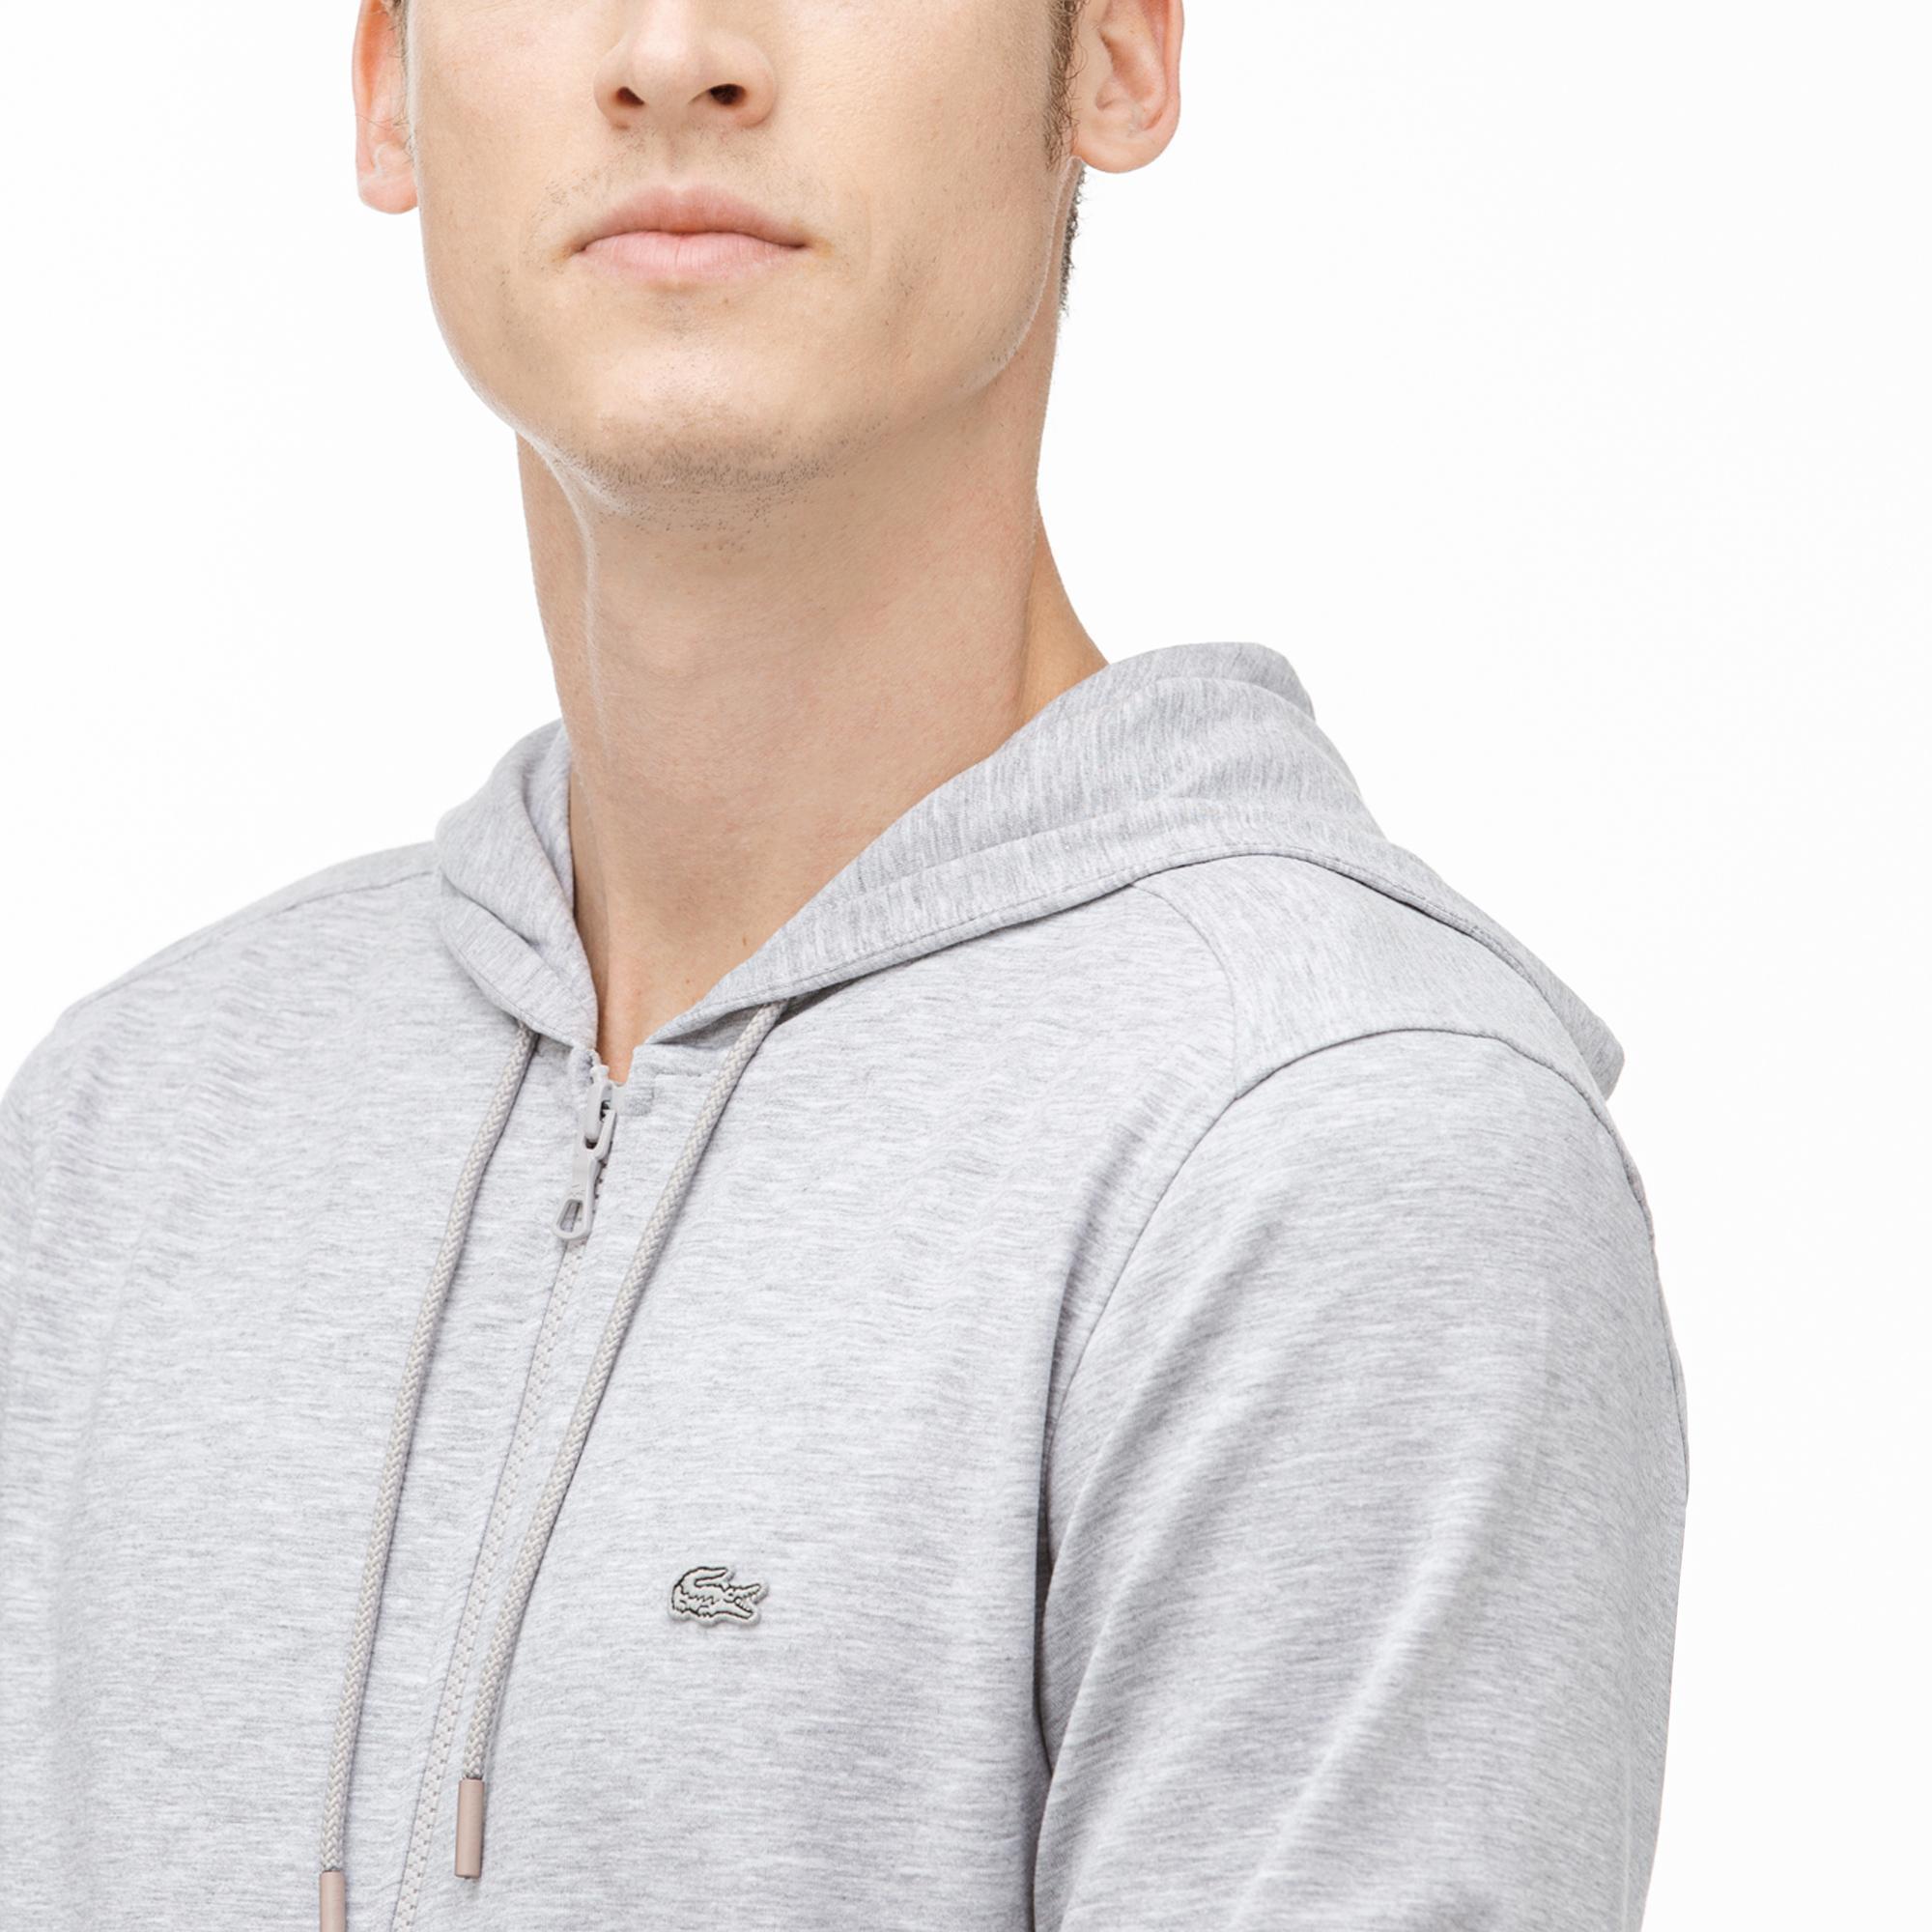 Lacoste Erkek Kapüşonlu Fermuarlı Gri Sweatshirt